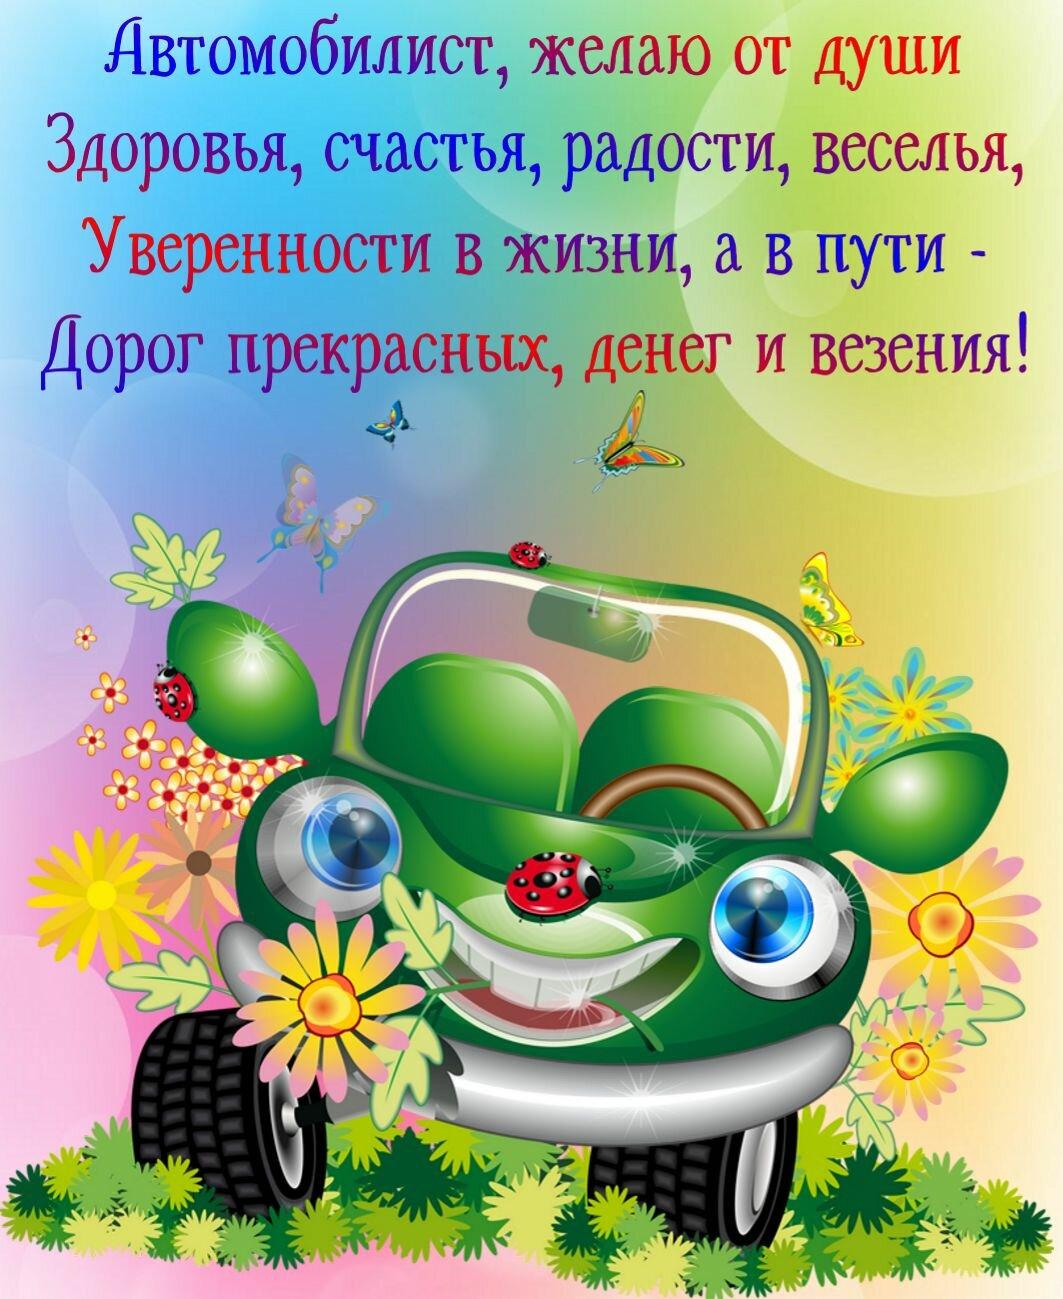 Поздравления день водителя краткое